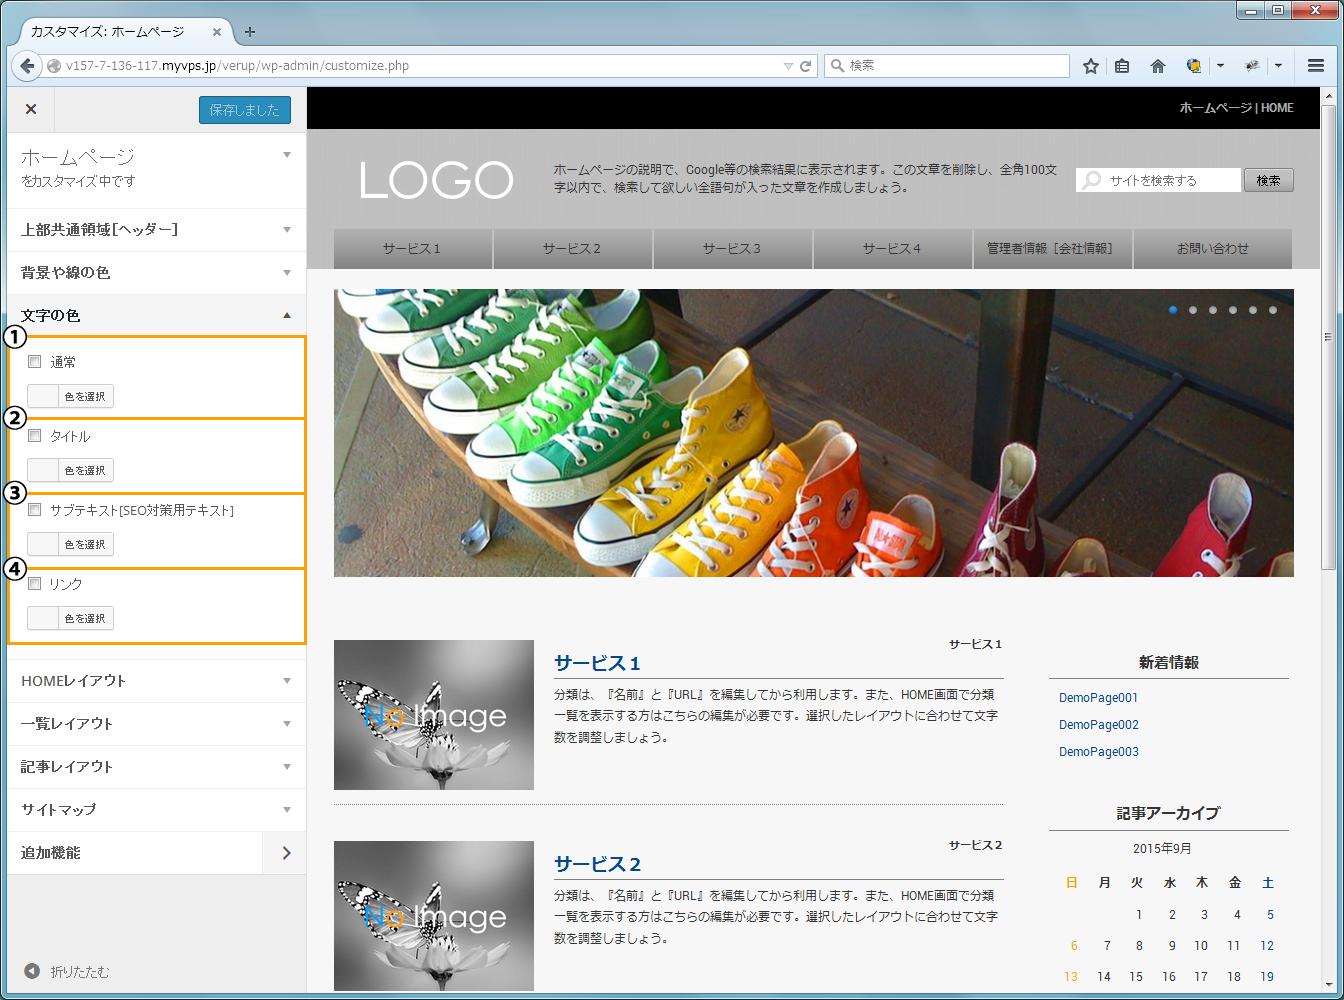 サイトデザイン 文字の色 | 初期費用無料ホームページ作成サイト - FunMaker